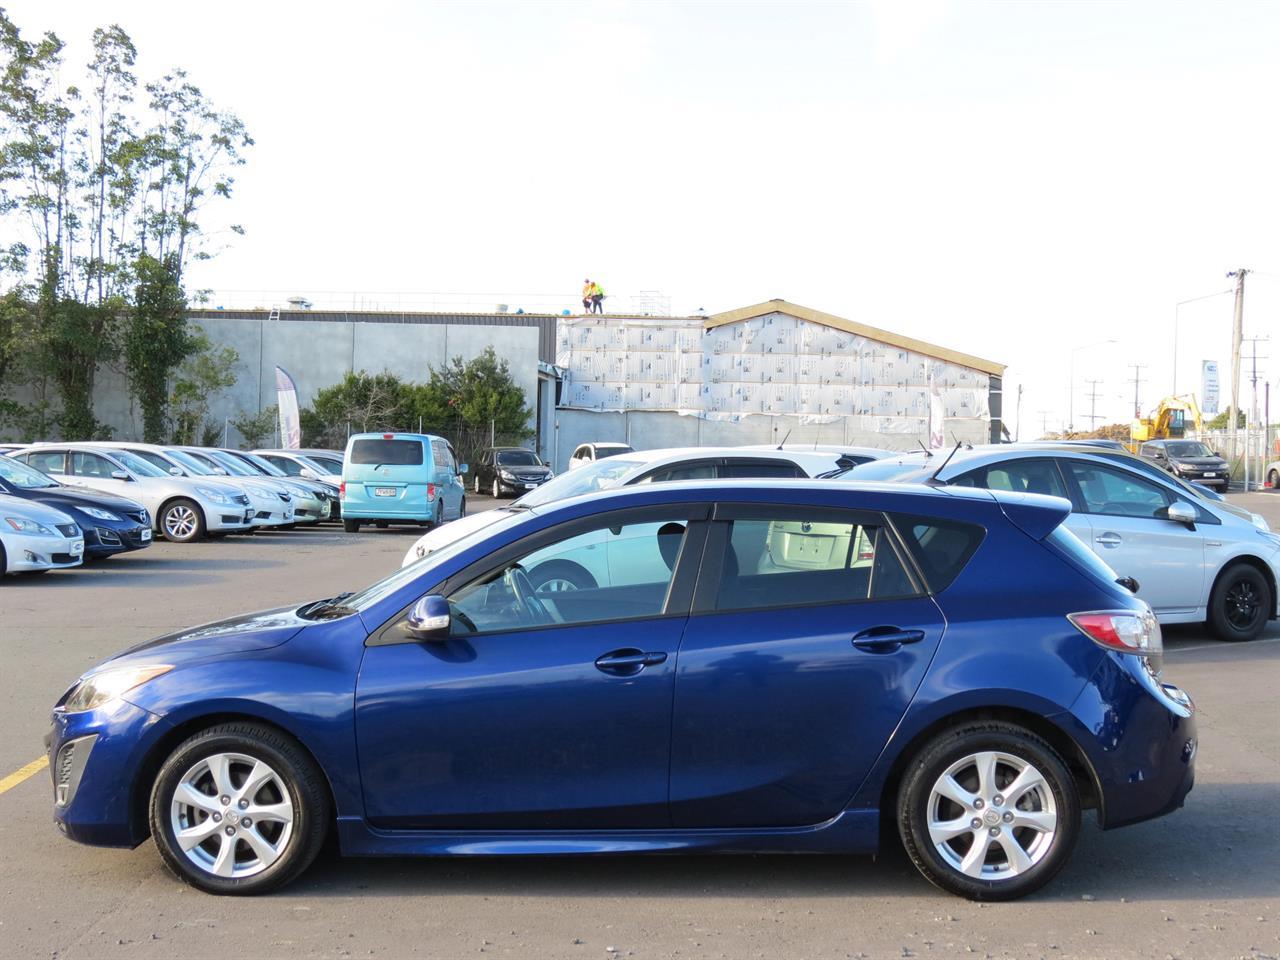 2009 Mazda Axela   only $35 weekly